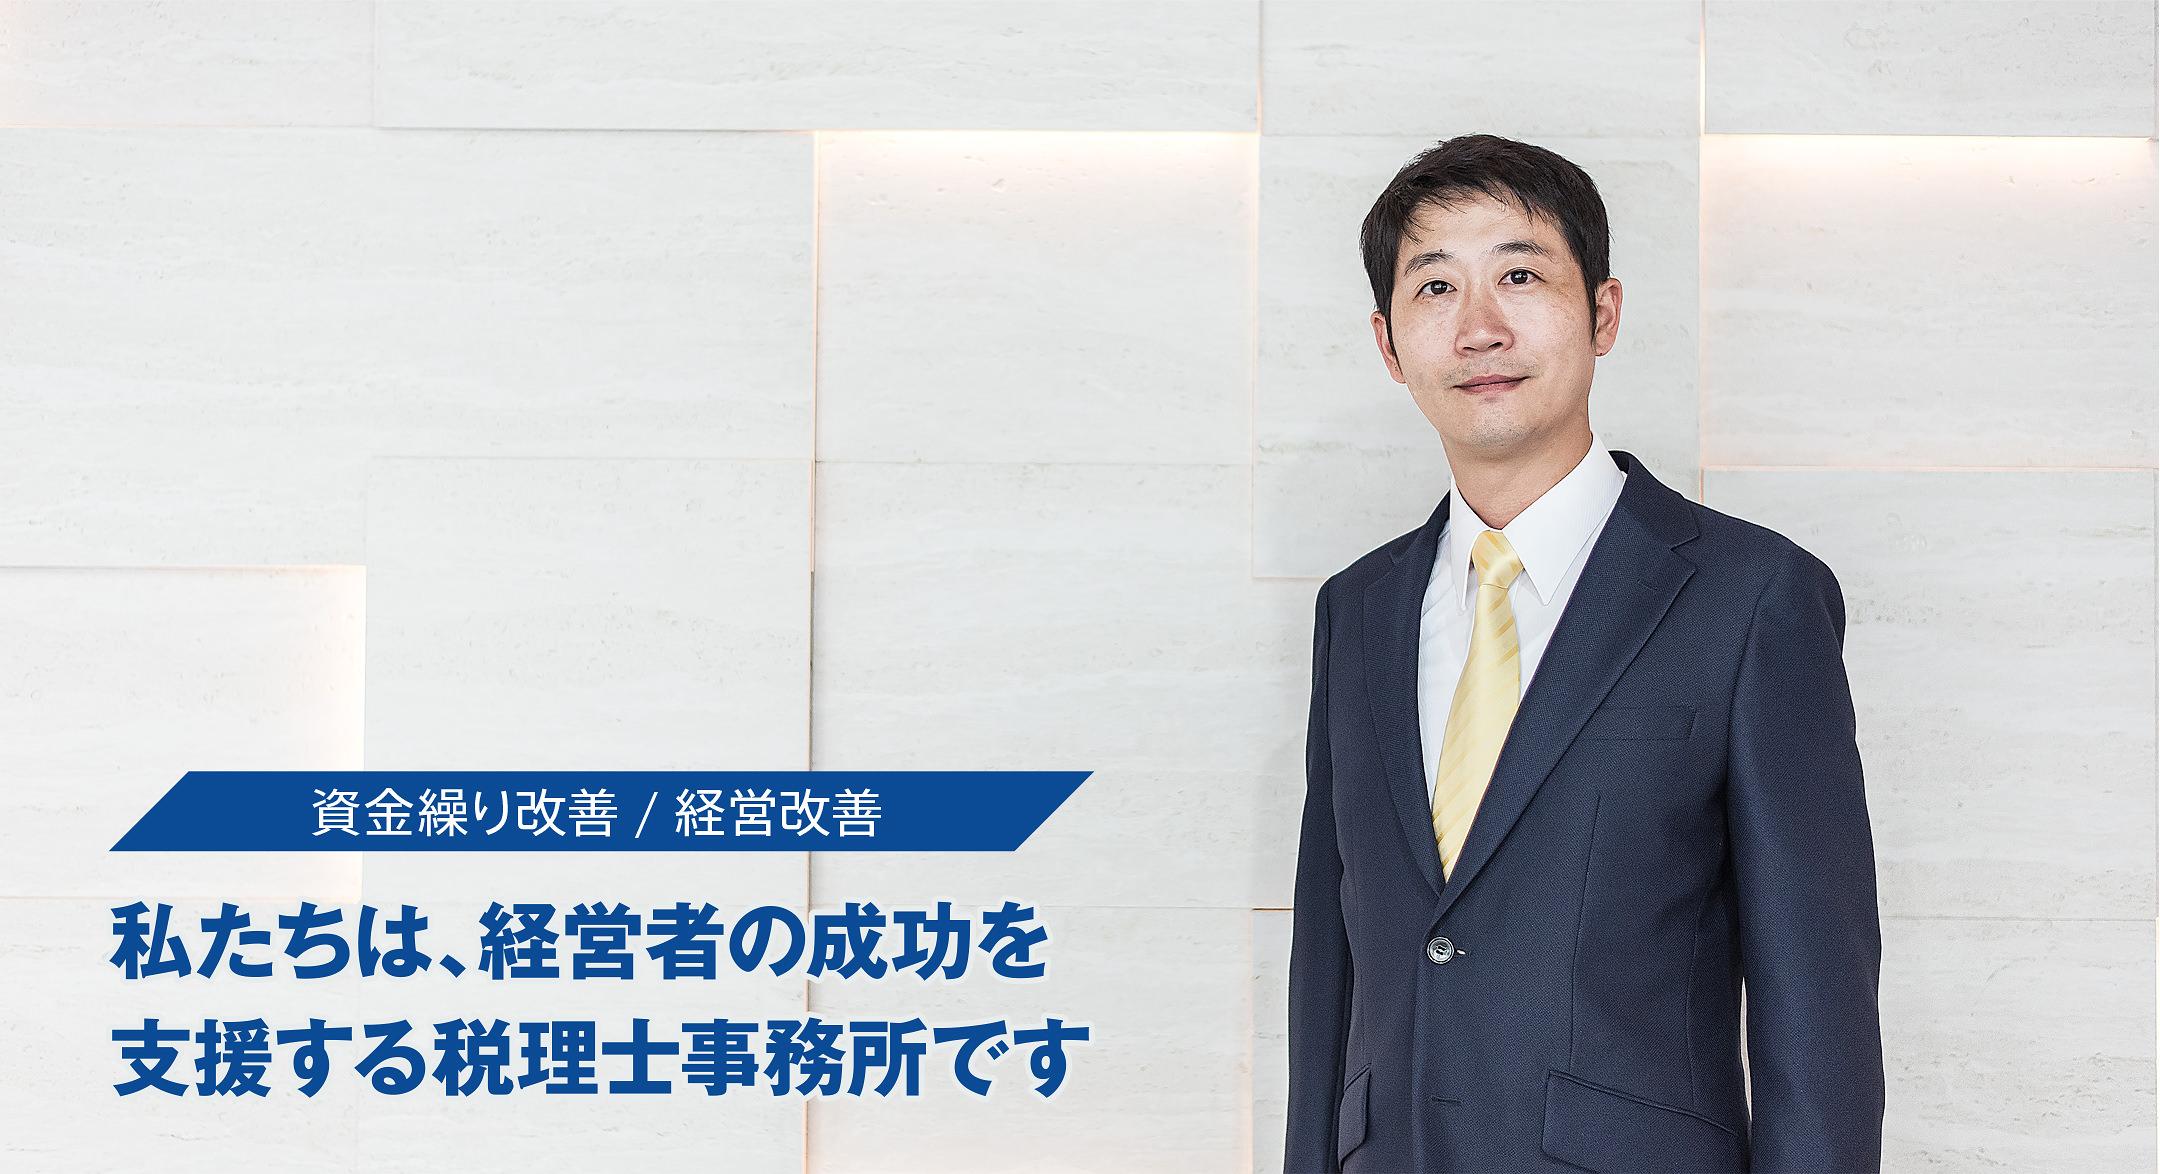 大阪ゆう税理士事務所イメージ